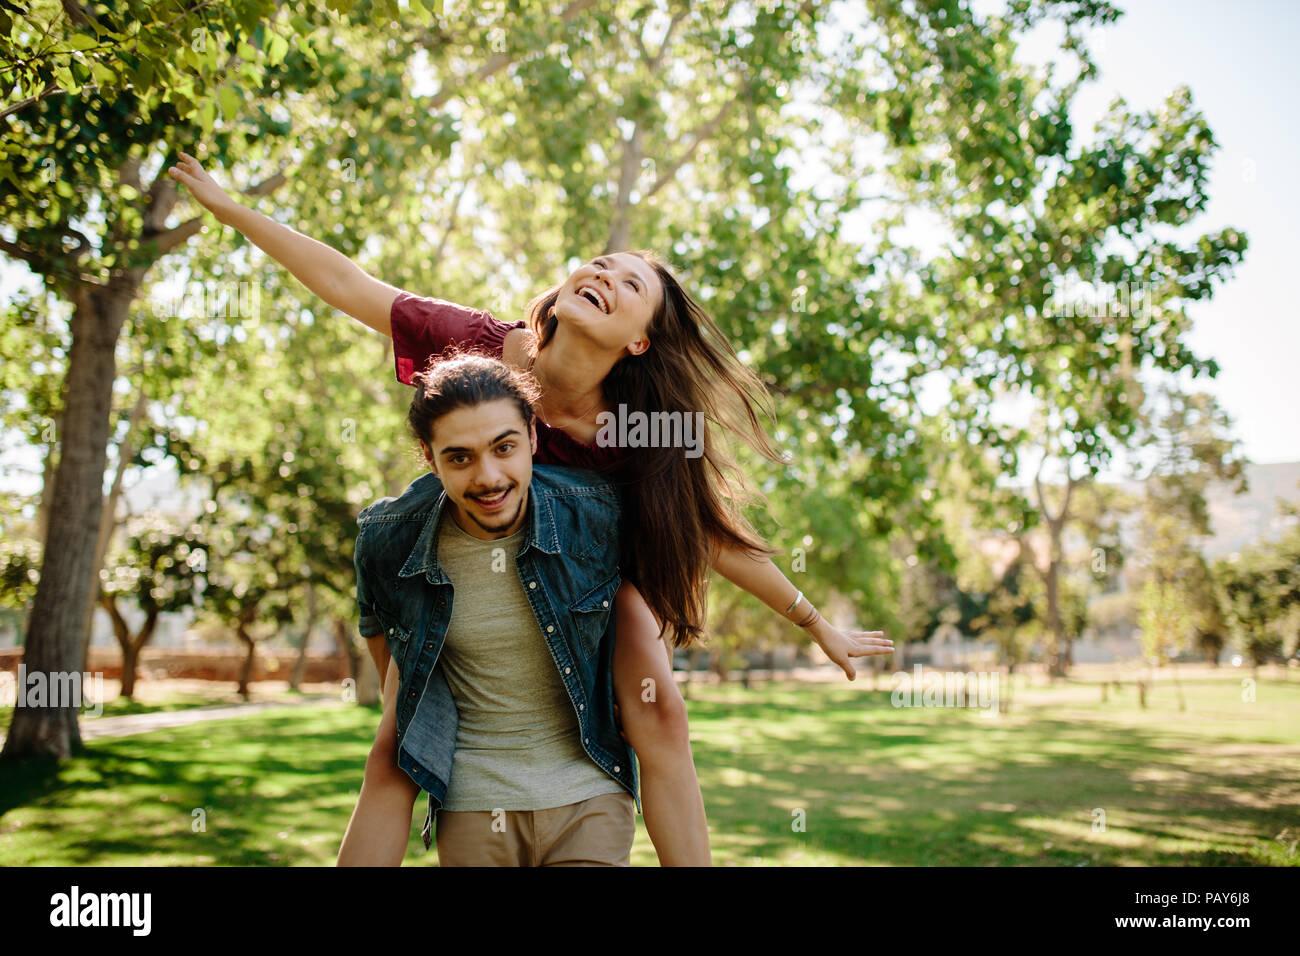 Apuesto joven dando a su novia un viaje combinado en el parque. Par aprovechar al aire libre. El hombre lleva una mujer con una amplia propagación de armas. Imagen De Stock